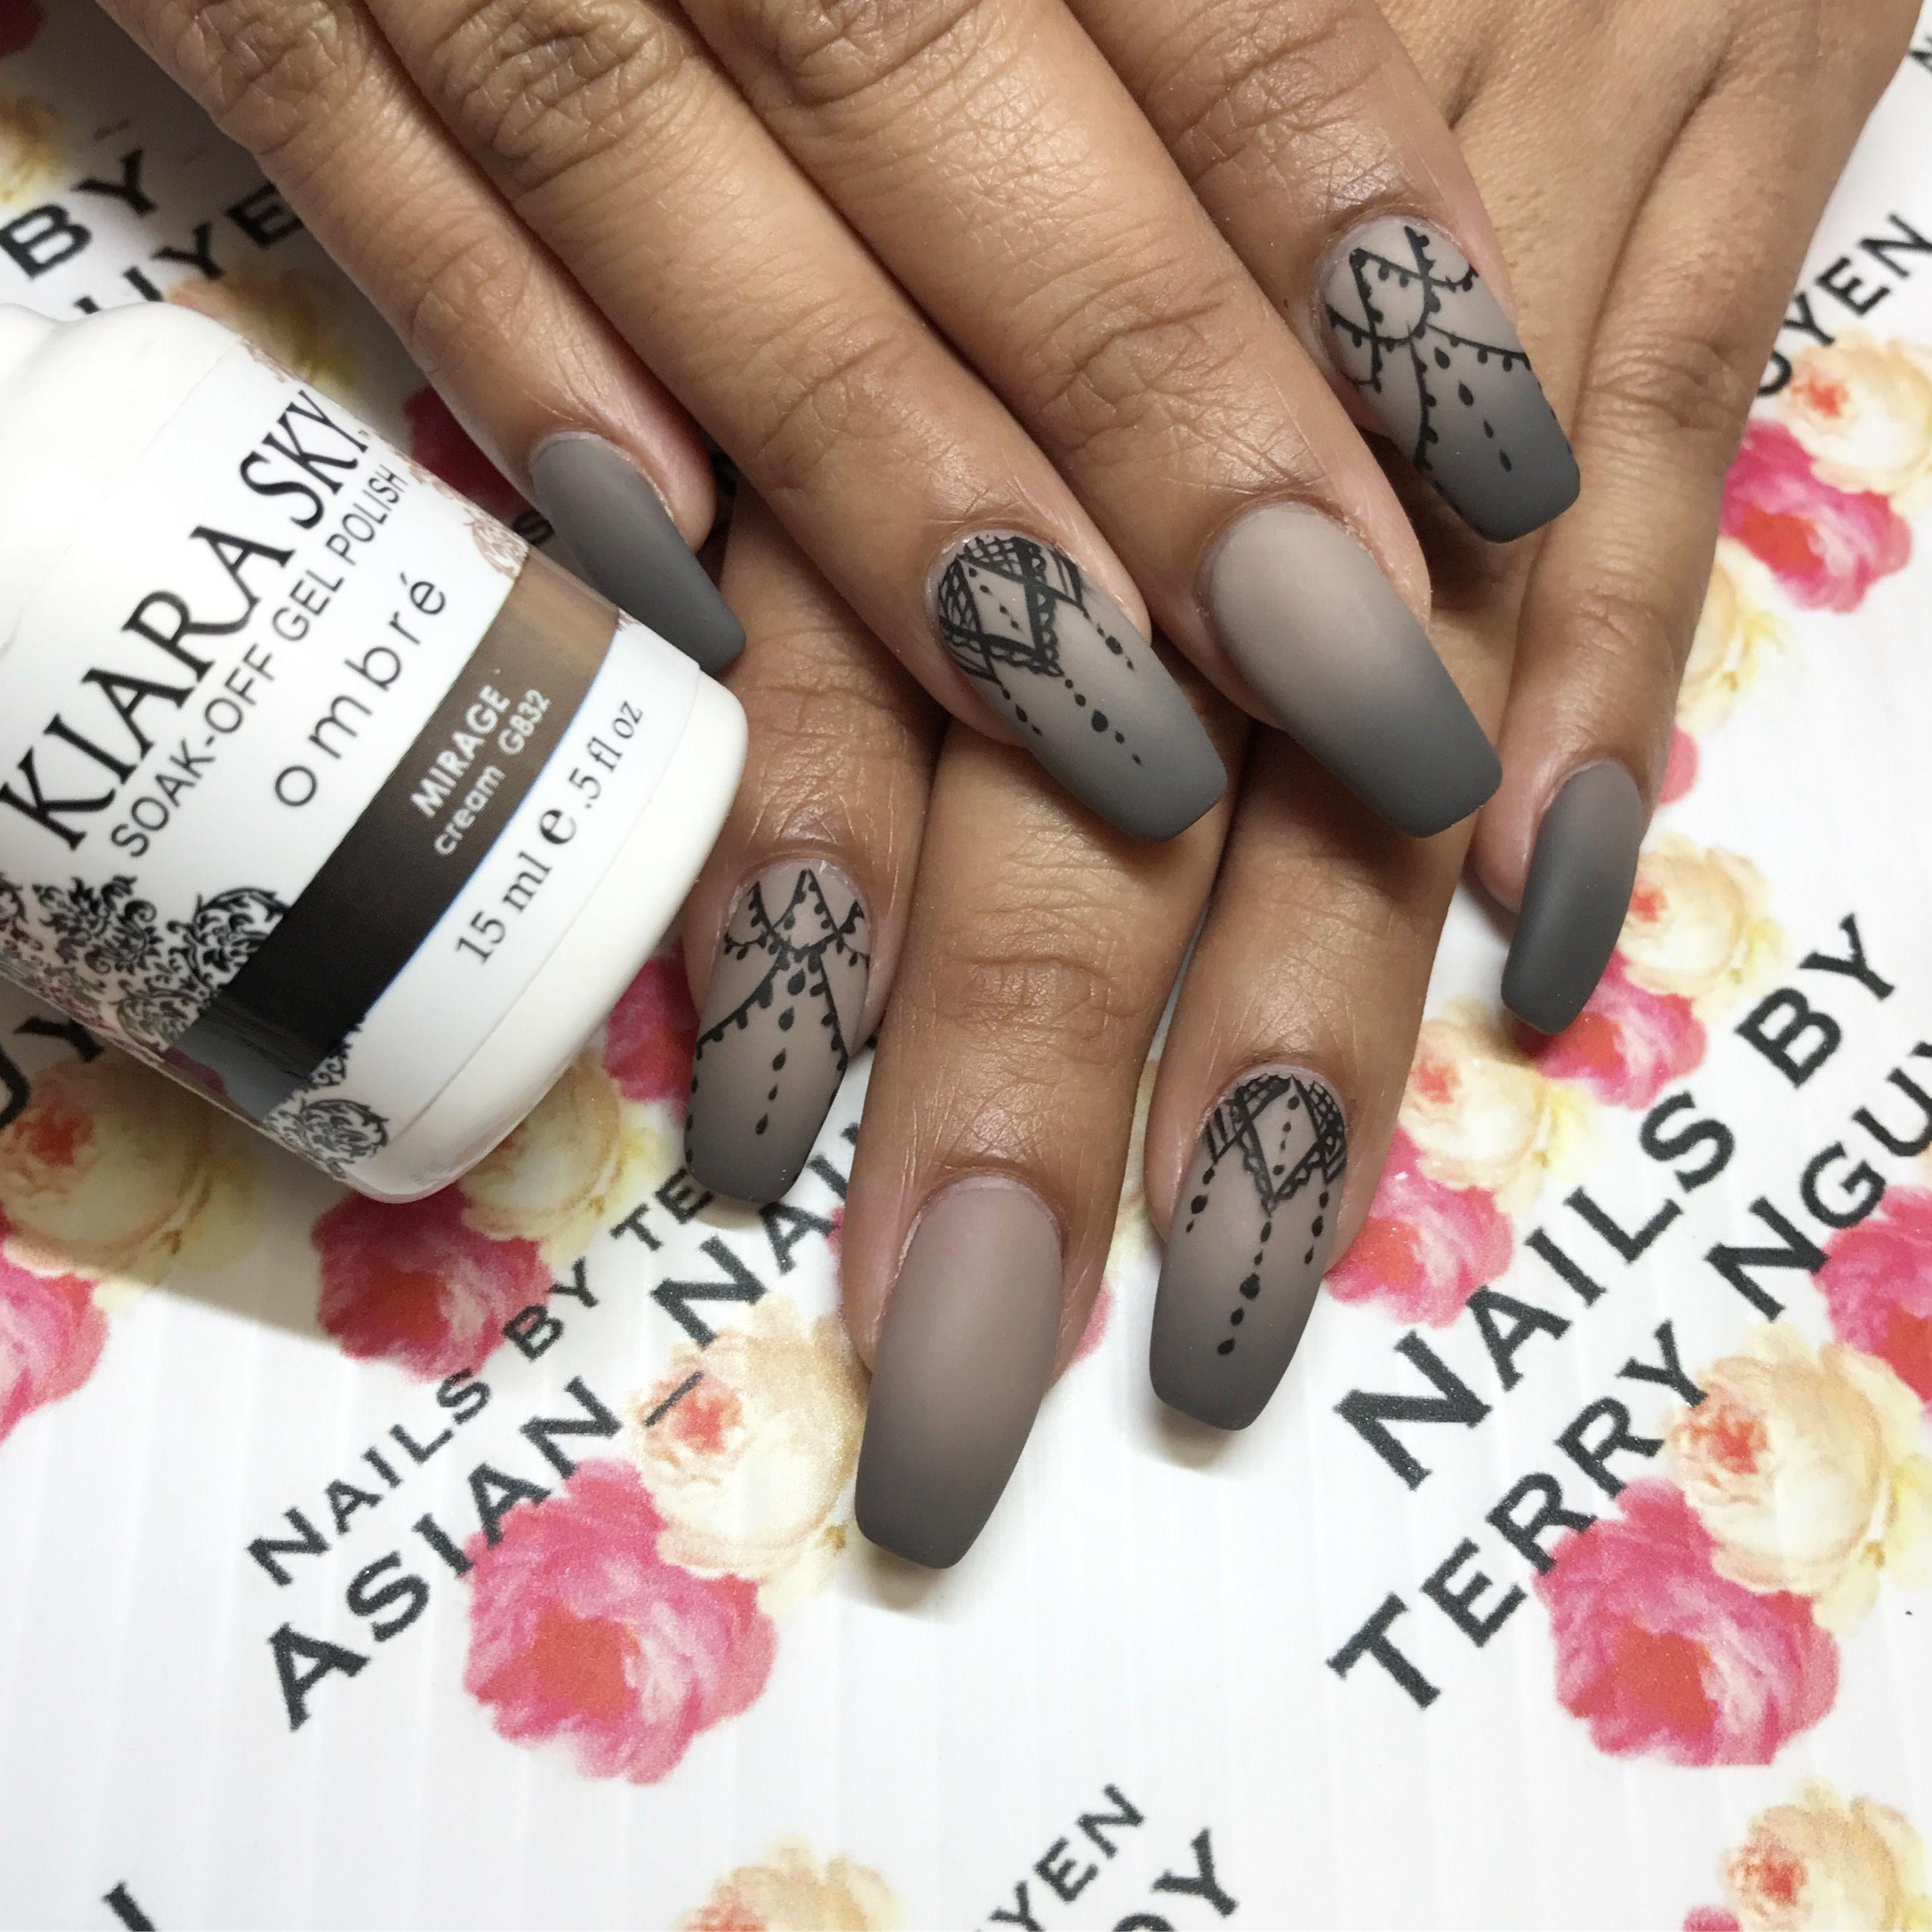 Matte ombré nails | Matte nails | Pinterest | Nail inspo, Makeup and ...